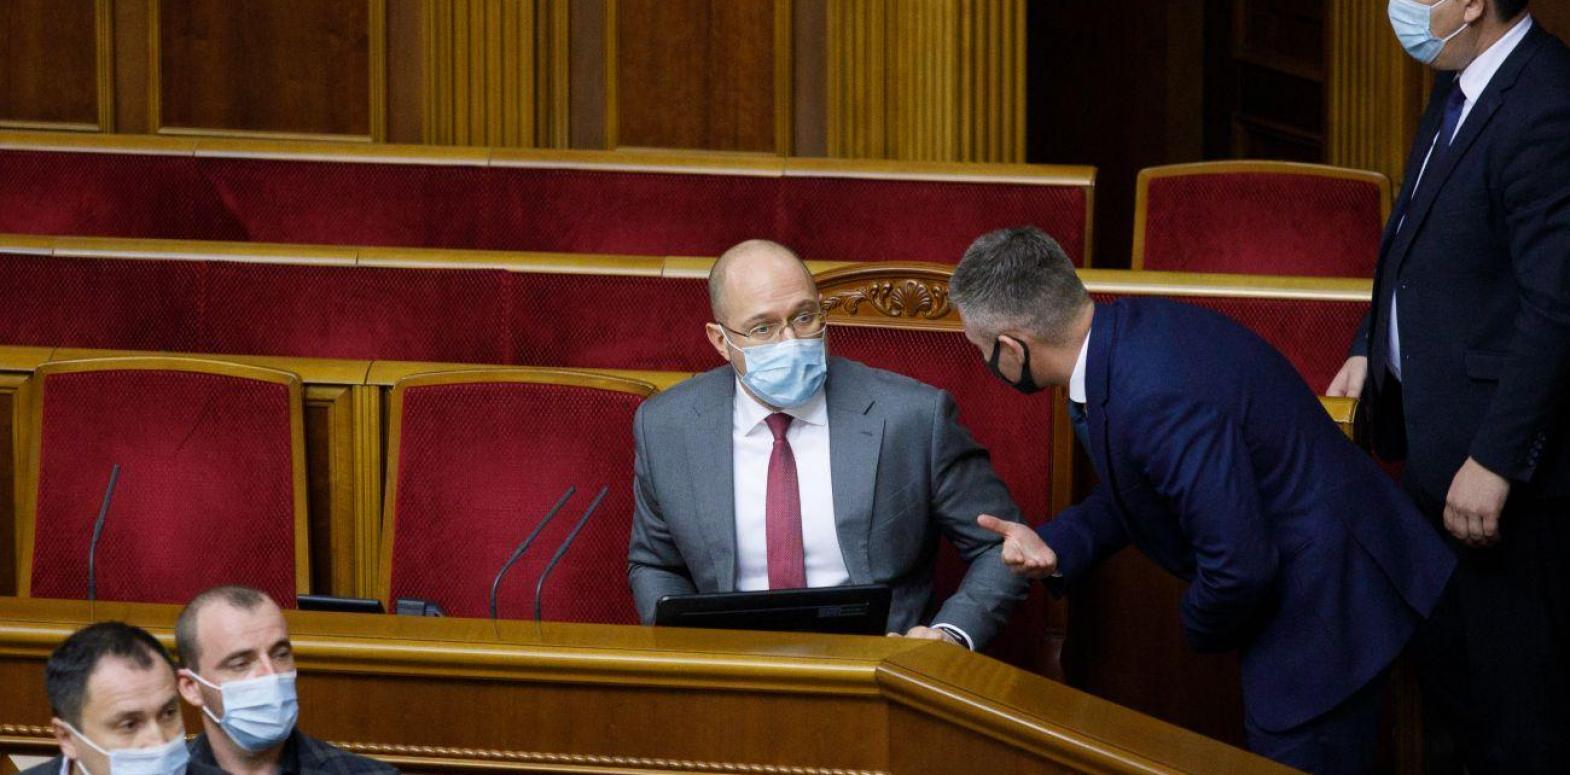 Шмыгаль хочет видеть Витренко министром энергетики и вице-премьером